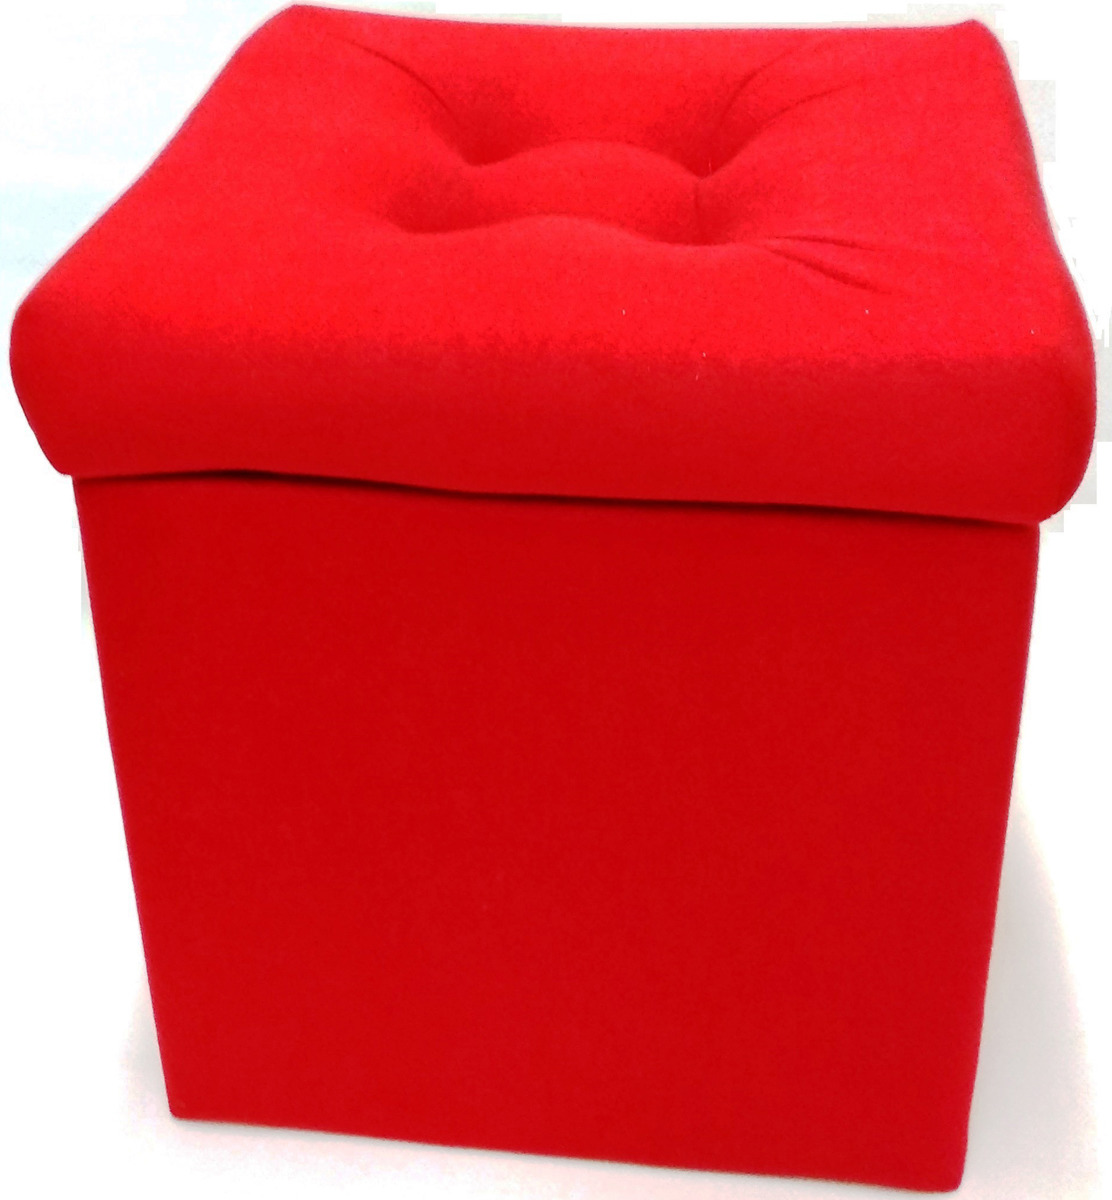 Пуф-короб Auto Premium, с крышкой, 57551, красный, 38 х 38 х 38 см57551Такой пуф прекрасно впишется в любой интерьер, будь то прихожая, гостинная или спальня. Стильный, практичный пуф выполнен из высококачественно велюра. Пуф будет не только ярким акцентом, но полезным предметом мебели, внутри имеется место для хранения бытовых предметов, аксессуаров для обуви и многого другого. Пуфик не складывается.Габаритные размеры: 38 х 38 х 38 см.